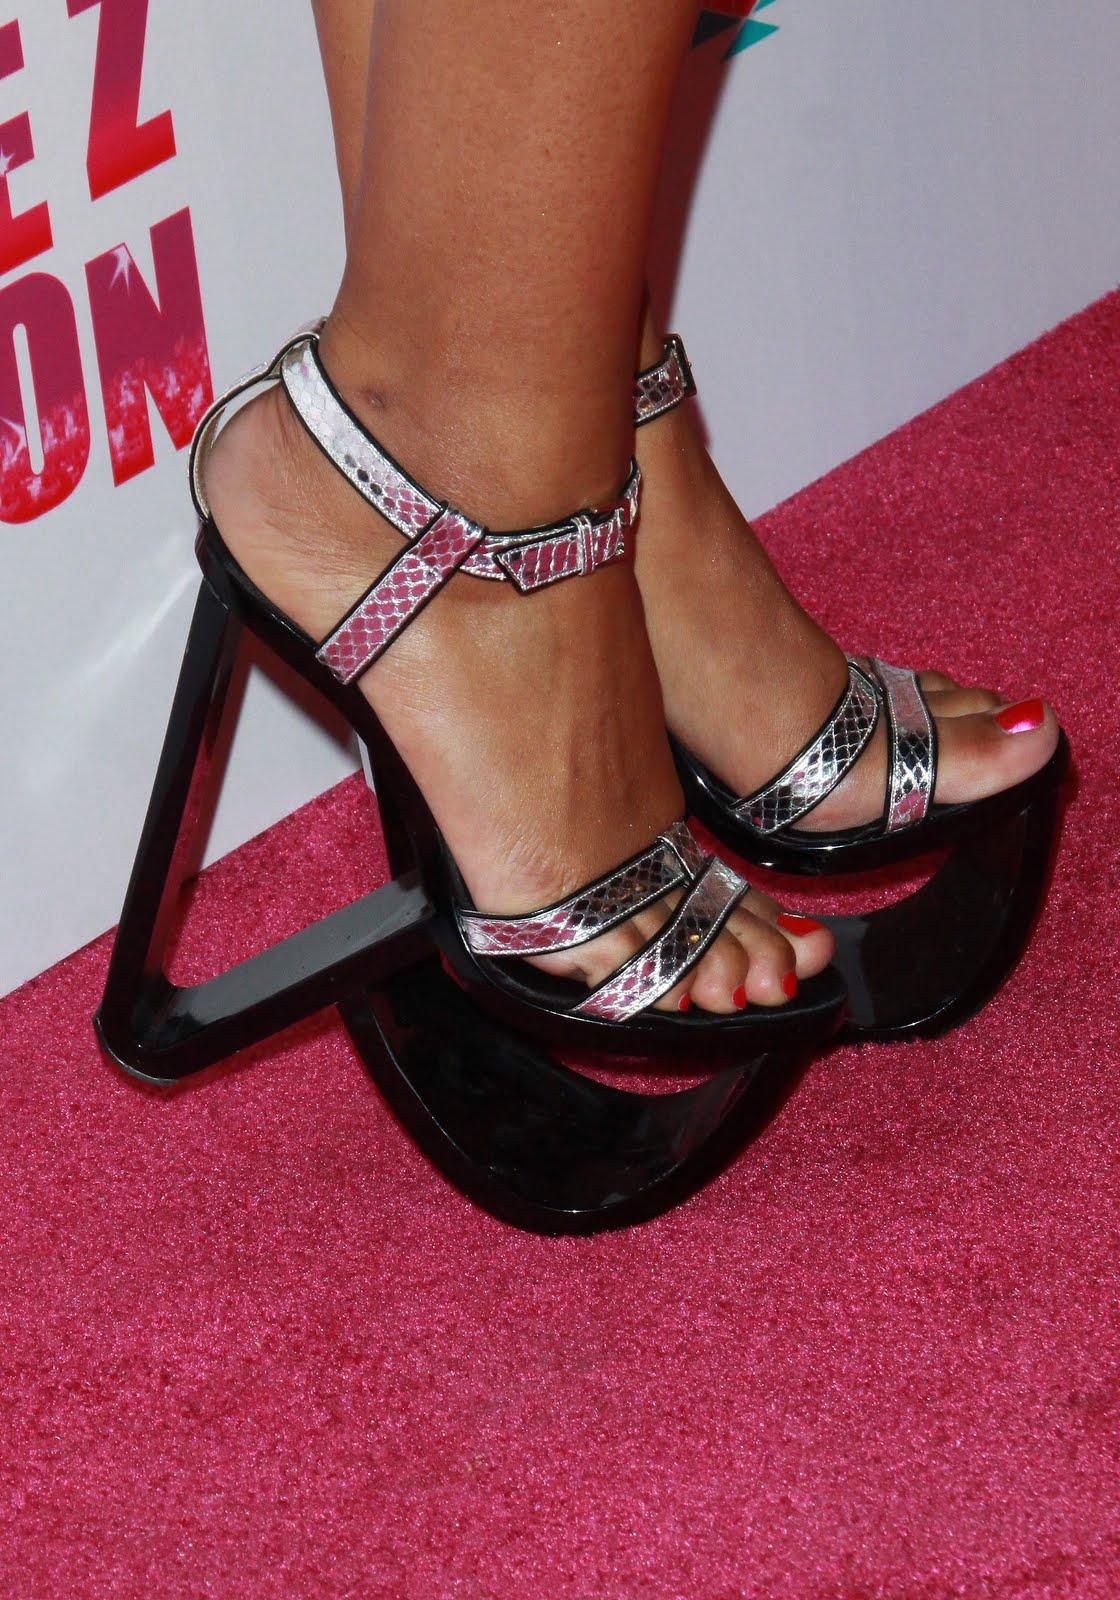 http://3.bp.blogspot.com/_UaLWp72nij4/S7-tsmpTipI/AAAAAAAAHB4/tV4IOIqZsYc/s1600/eve-feet-3.jpg